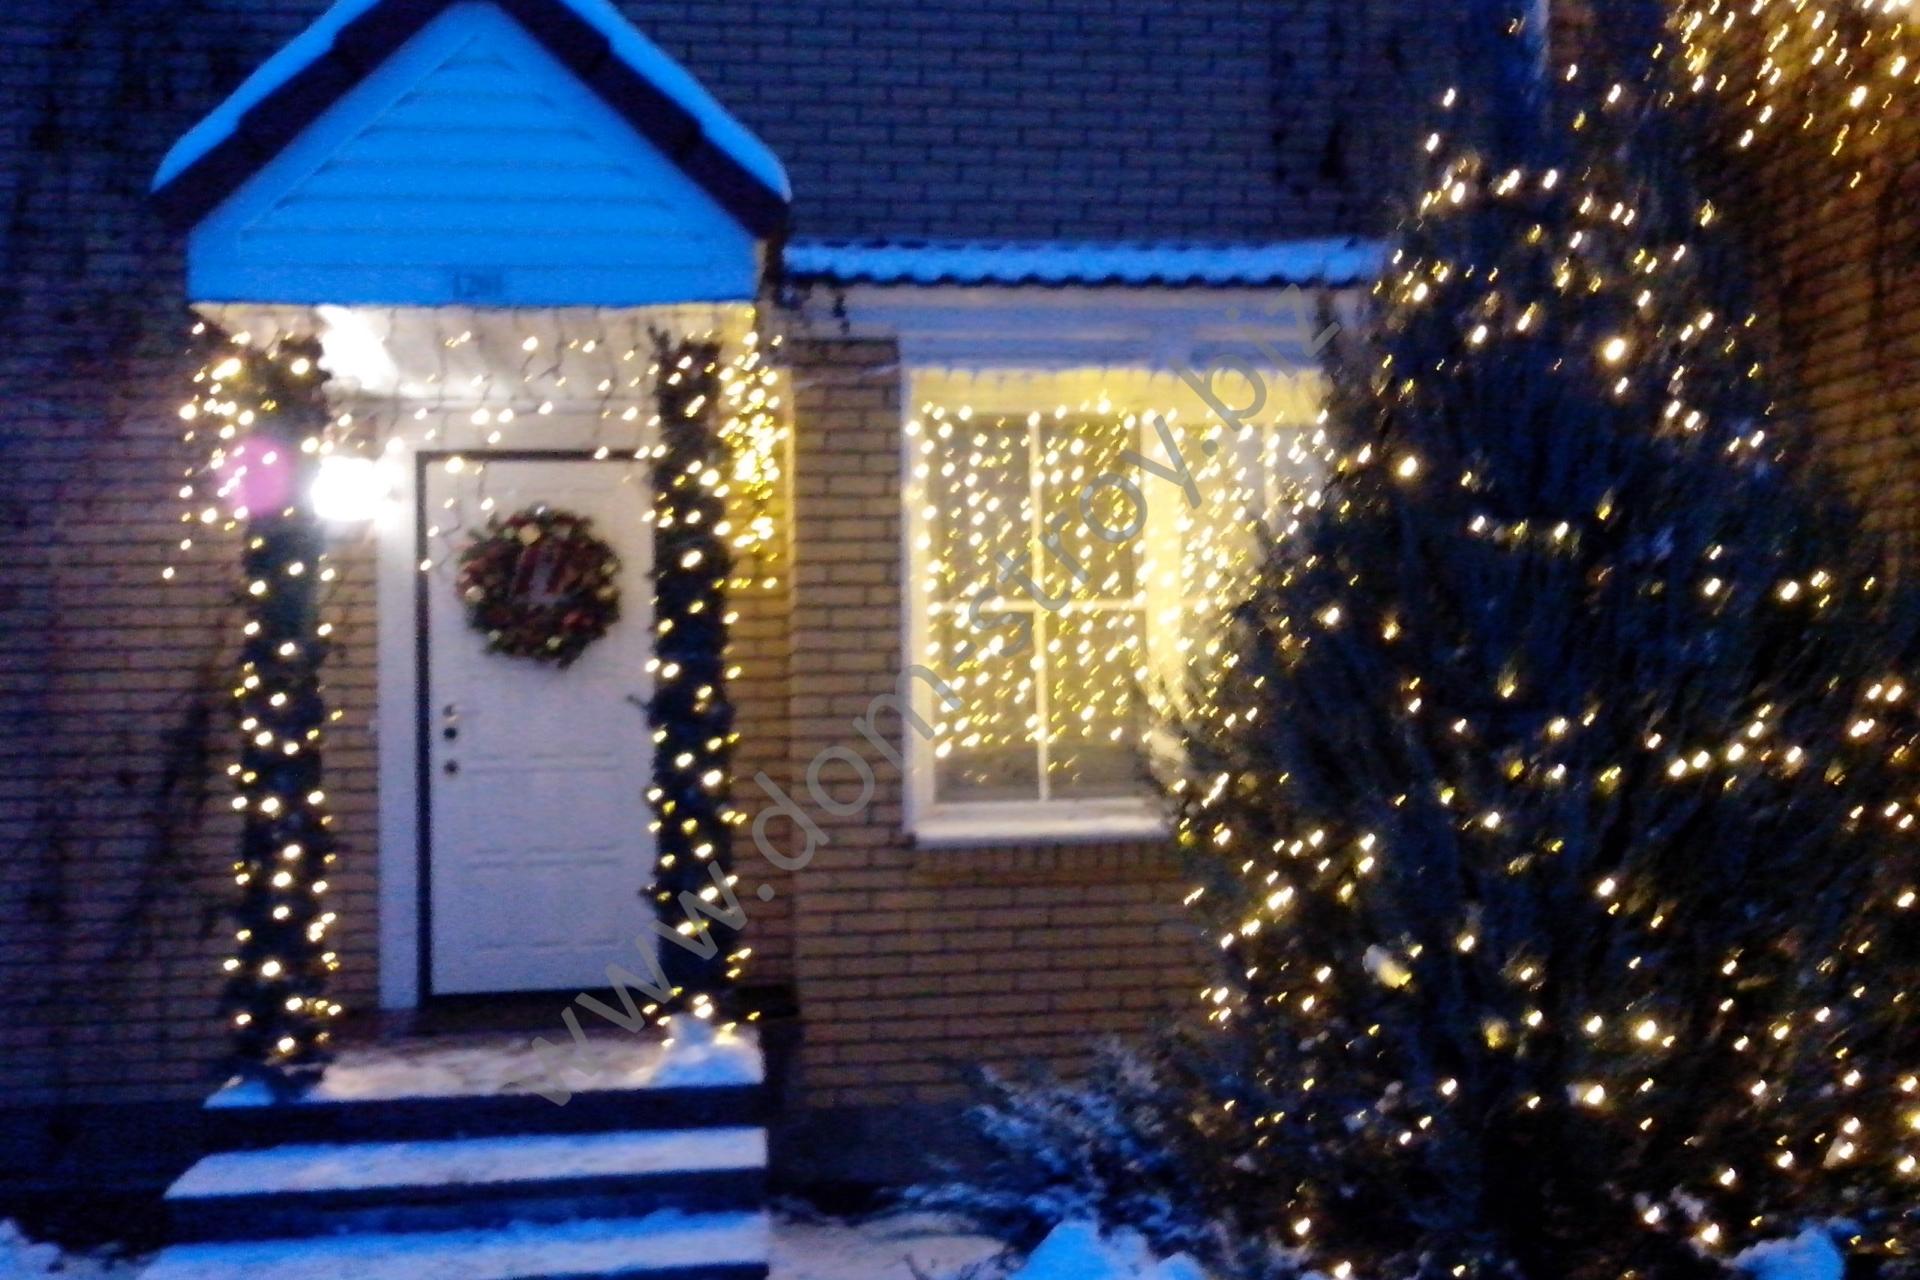 Новогоднее оформление дома и прилегающей территории